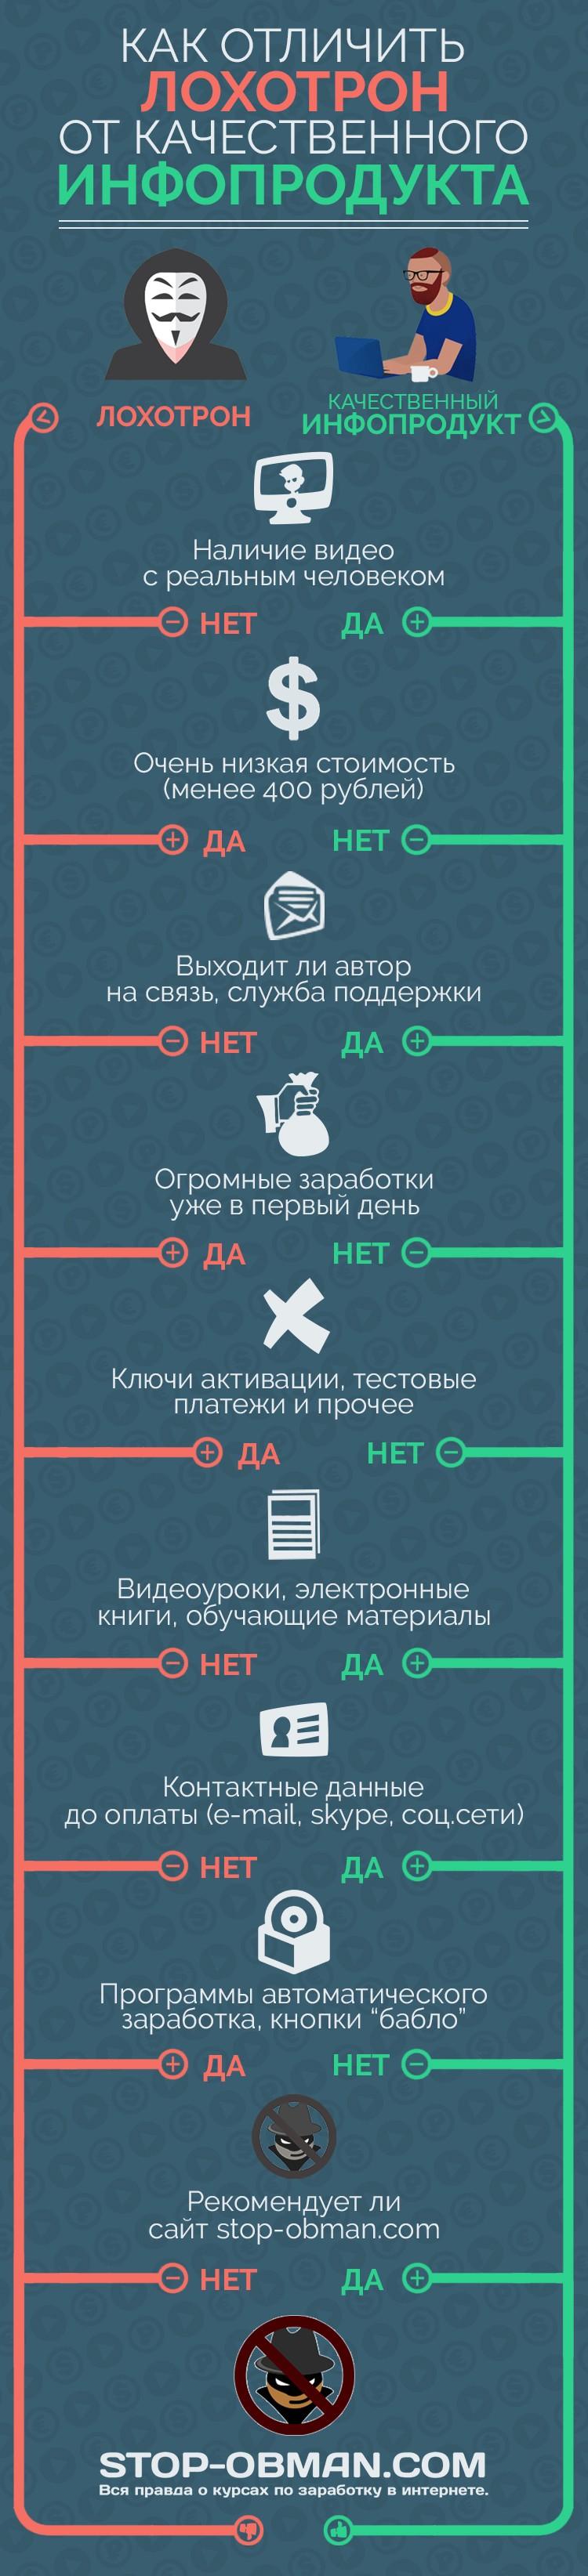 Лохотрон, Инфопродукт, Инфографика, Стоп Обман